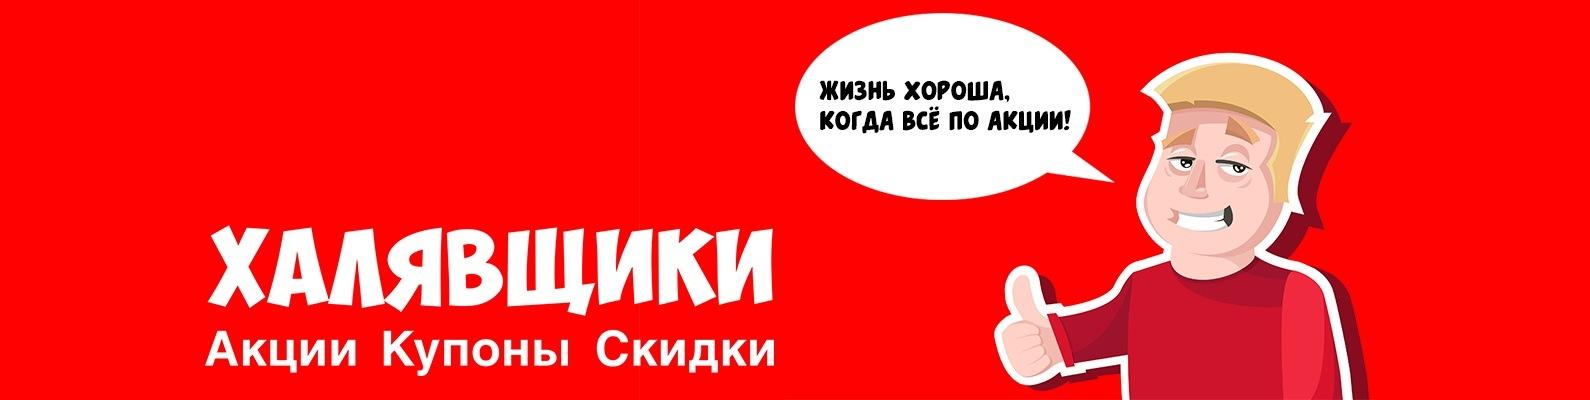 ddabb847034 Халявщики - акции